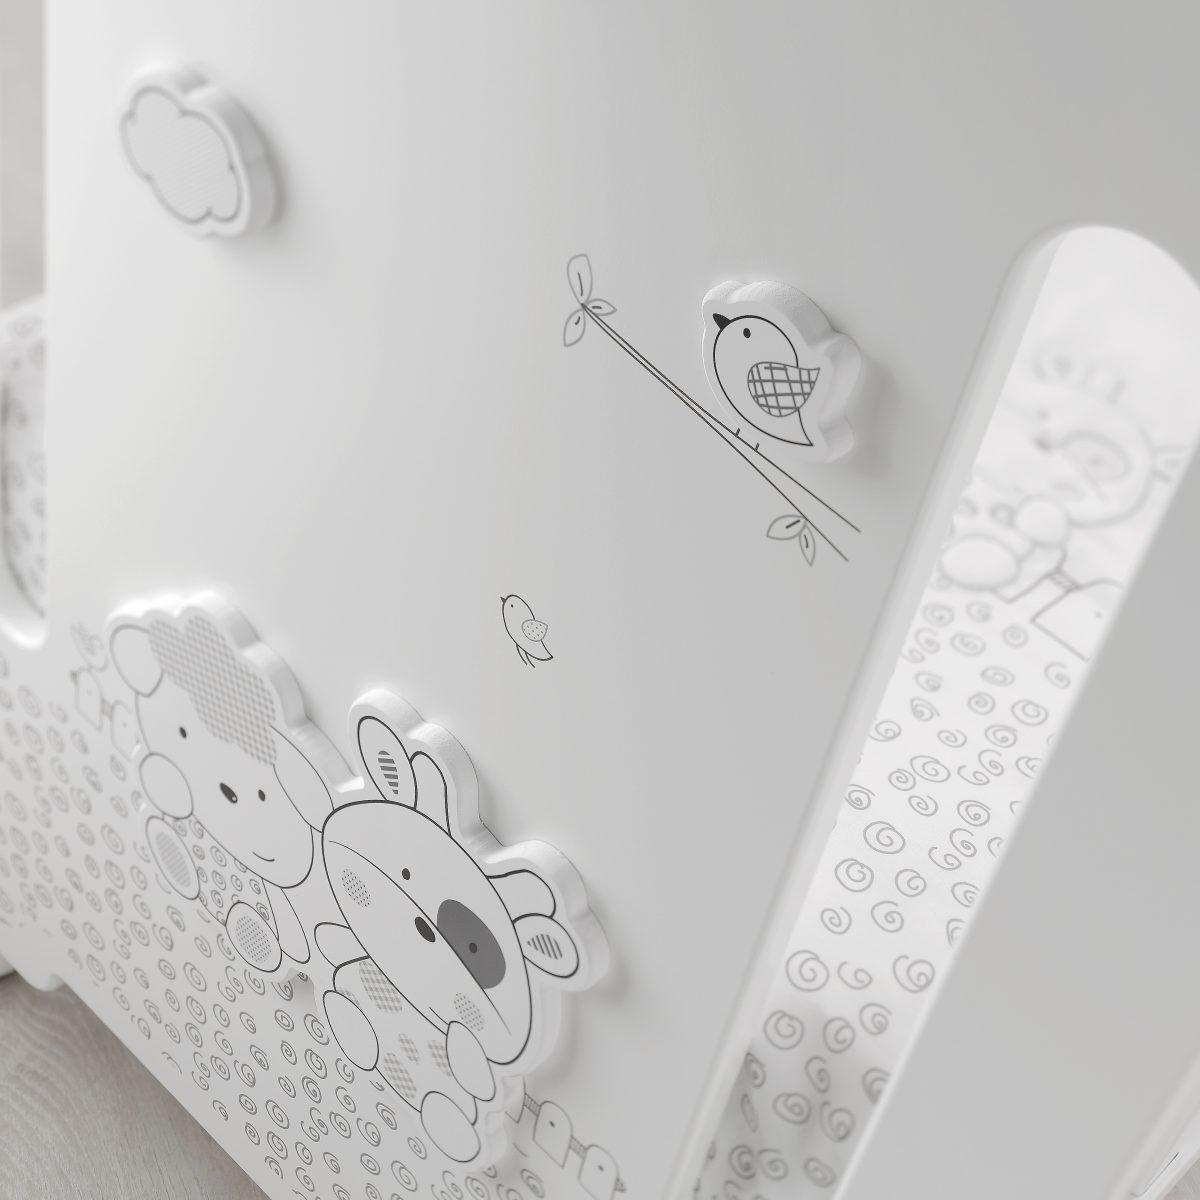 luxusní dětský nábytek - detail kolekce dětského pokojíčku Milky